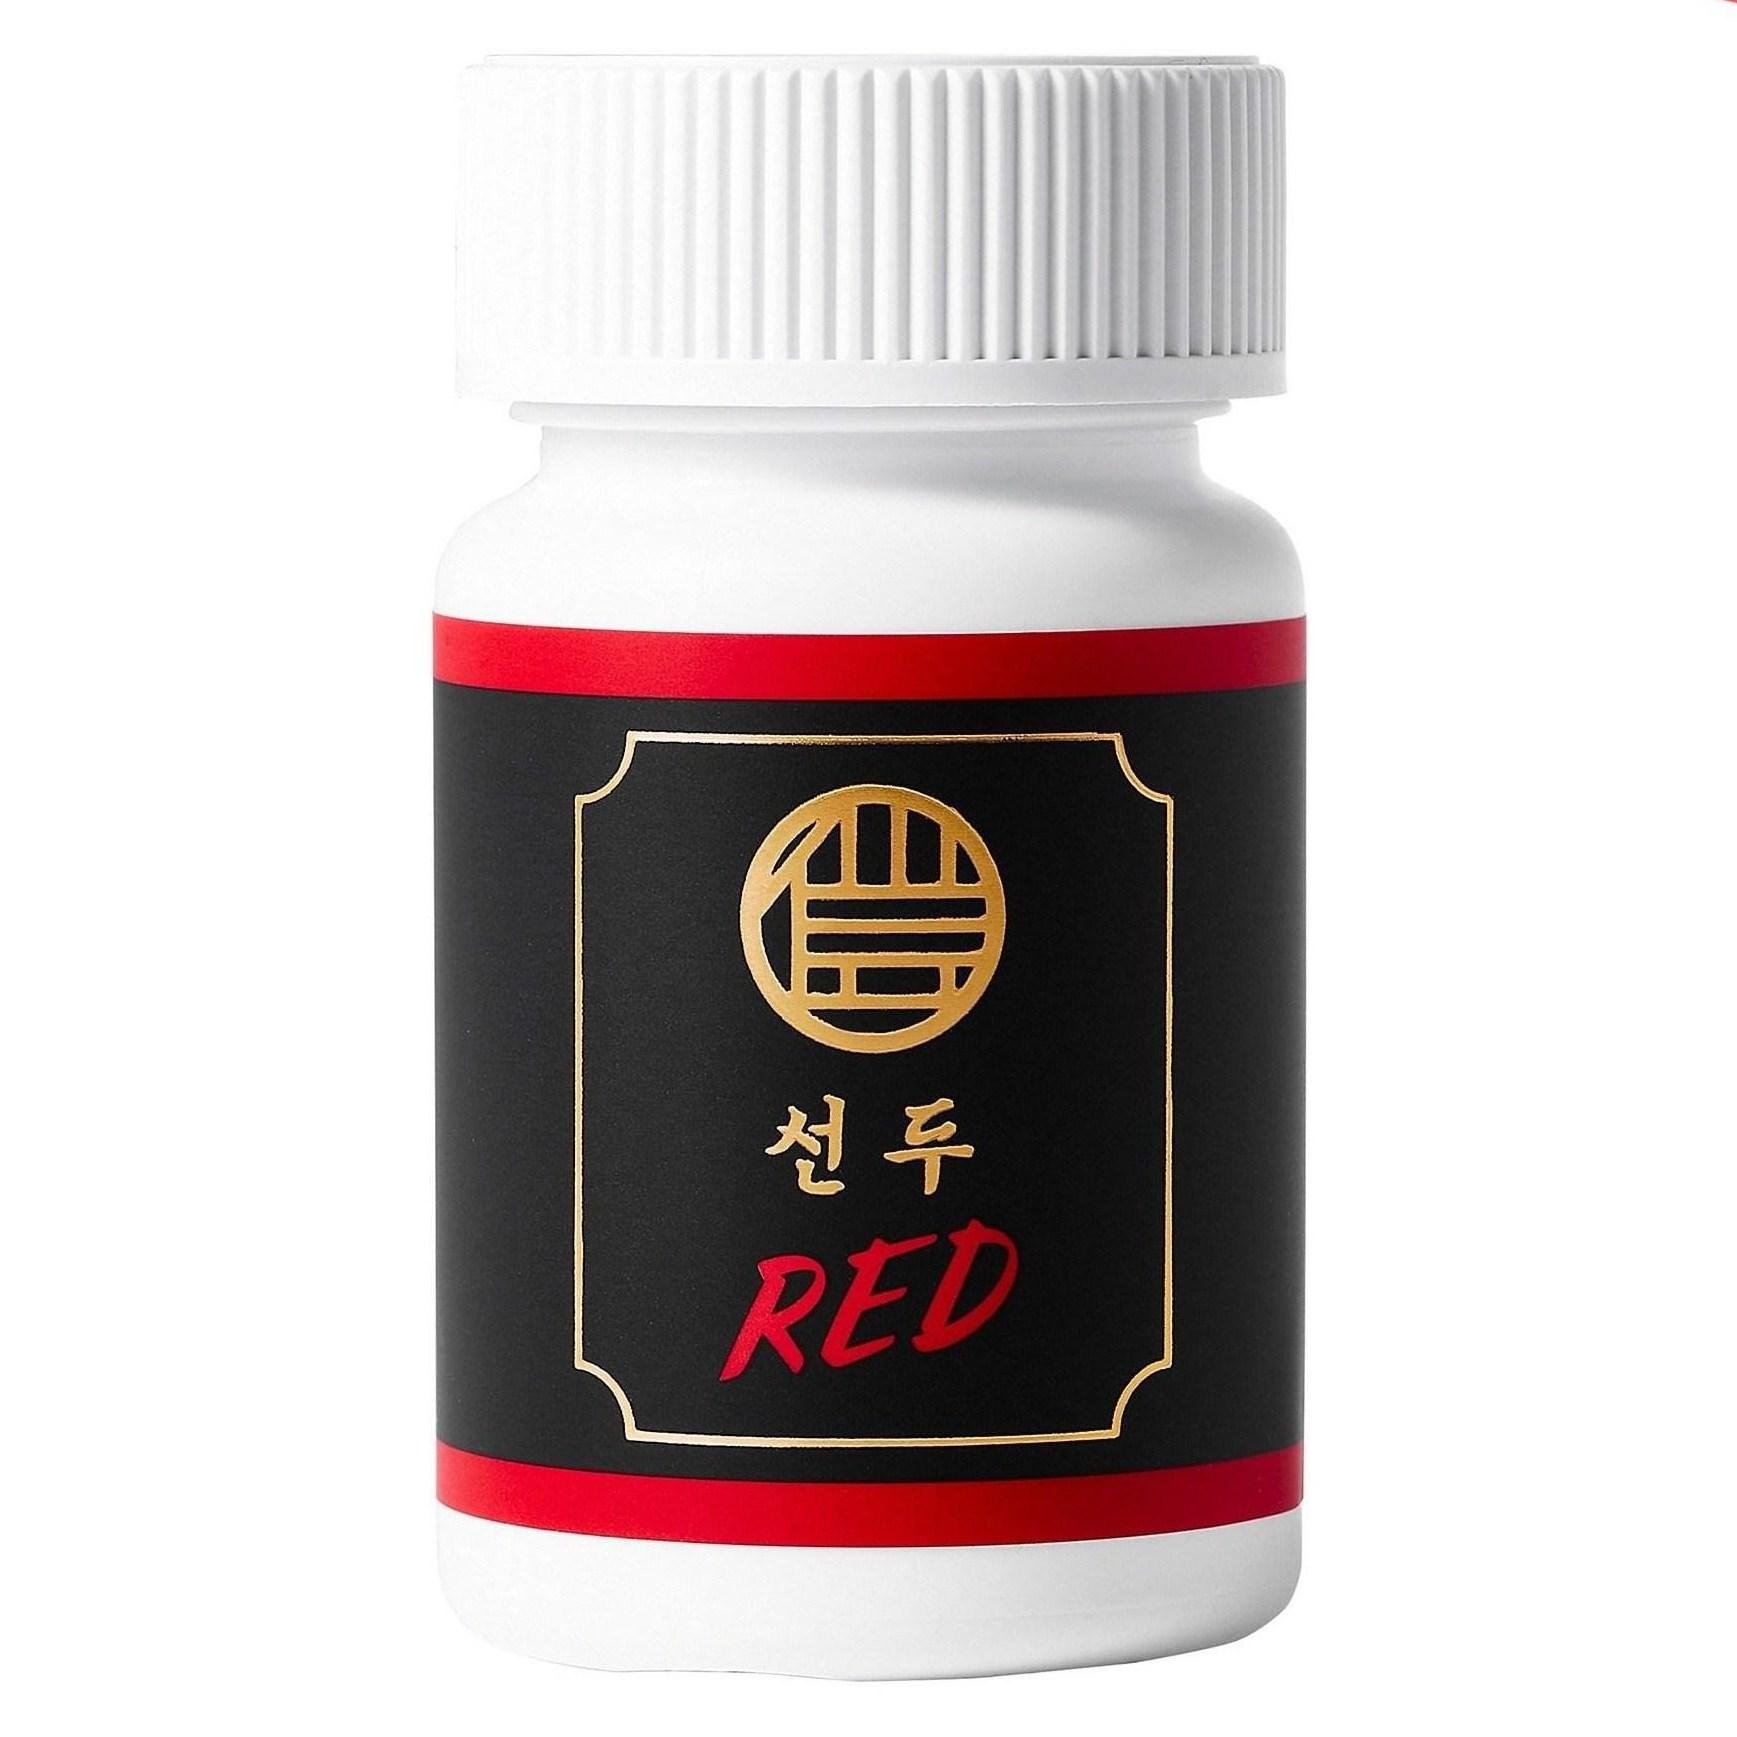 페루산 블랙마카 800mg 남자의 활력을 살리는 선두 Red, 60정, 1통